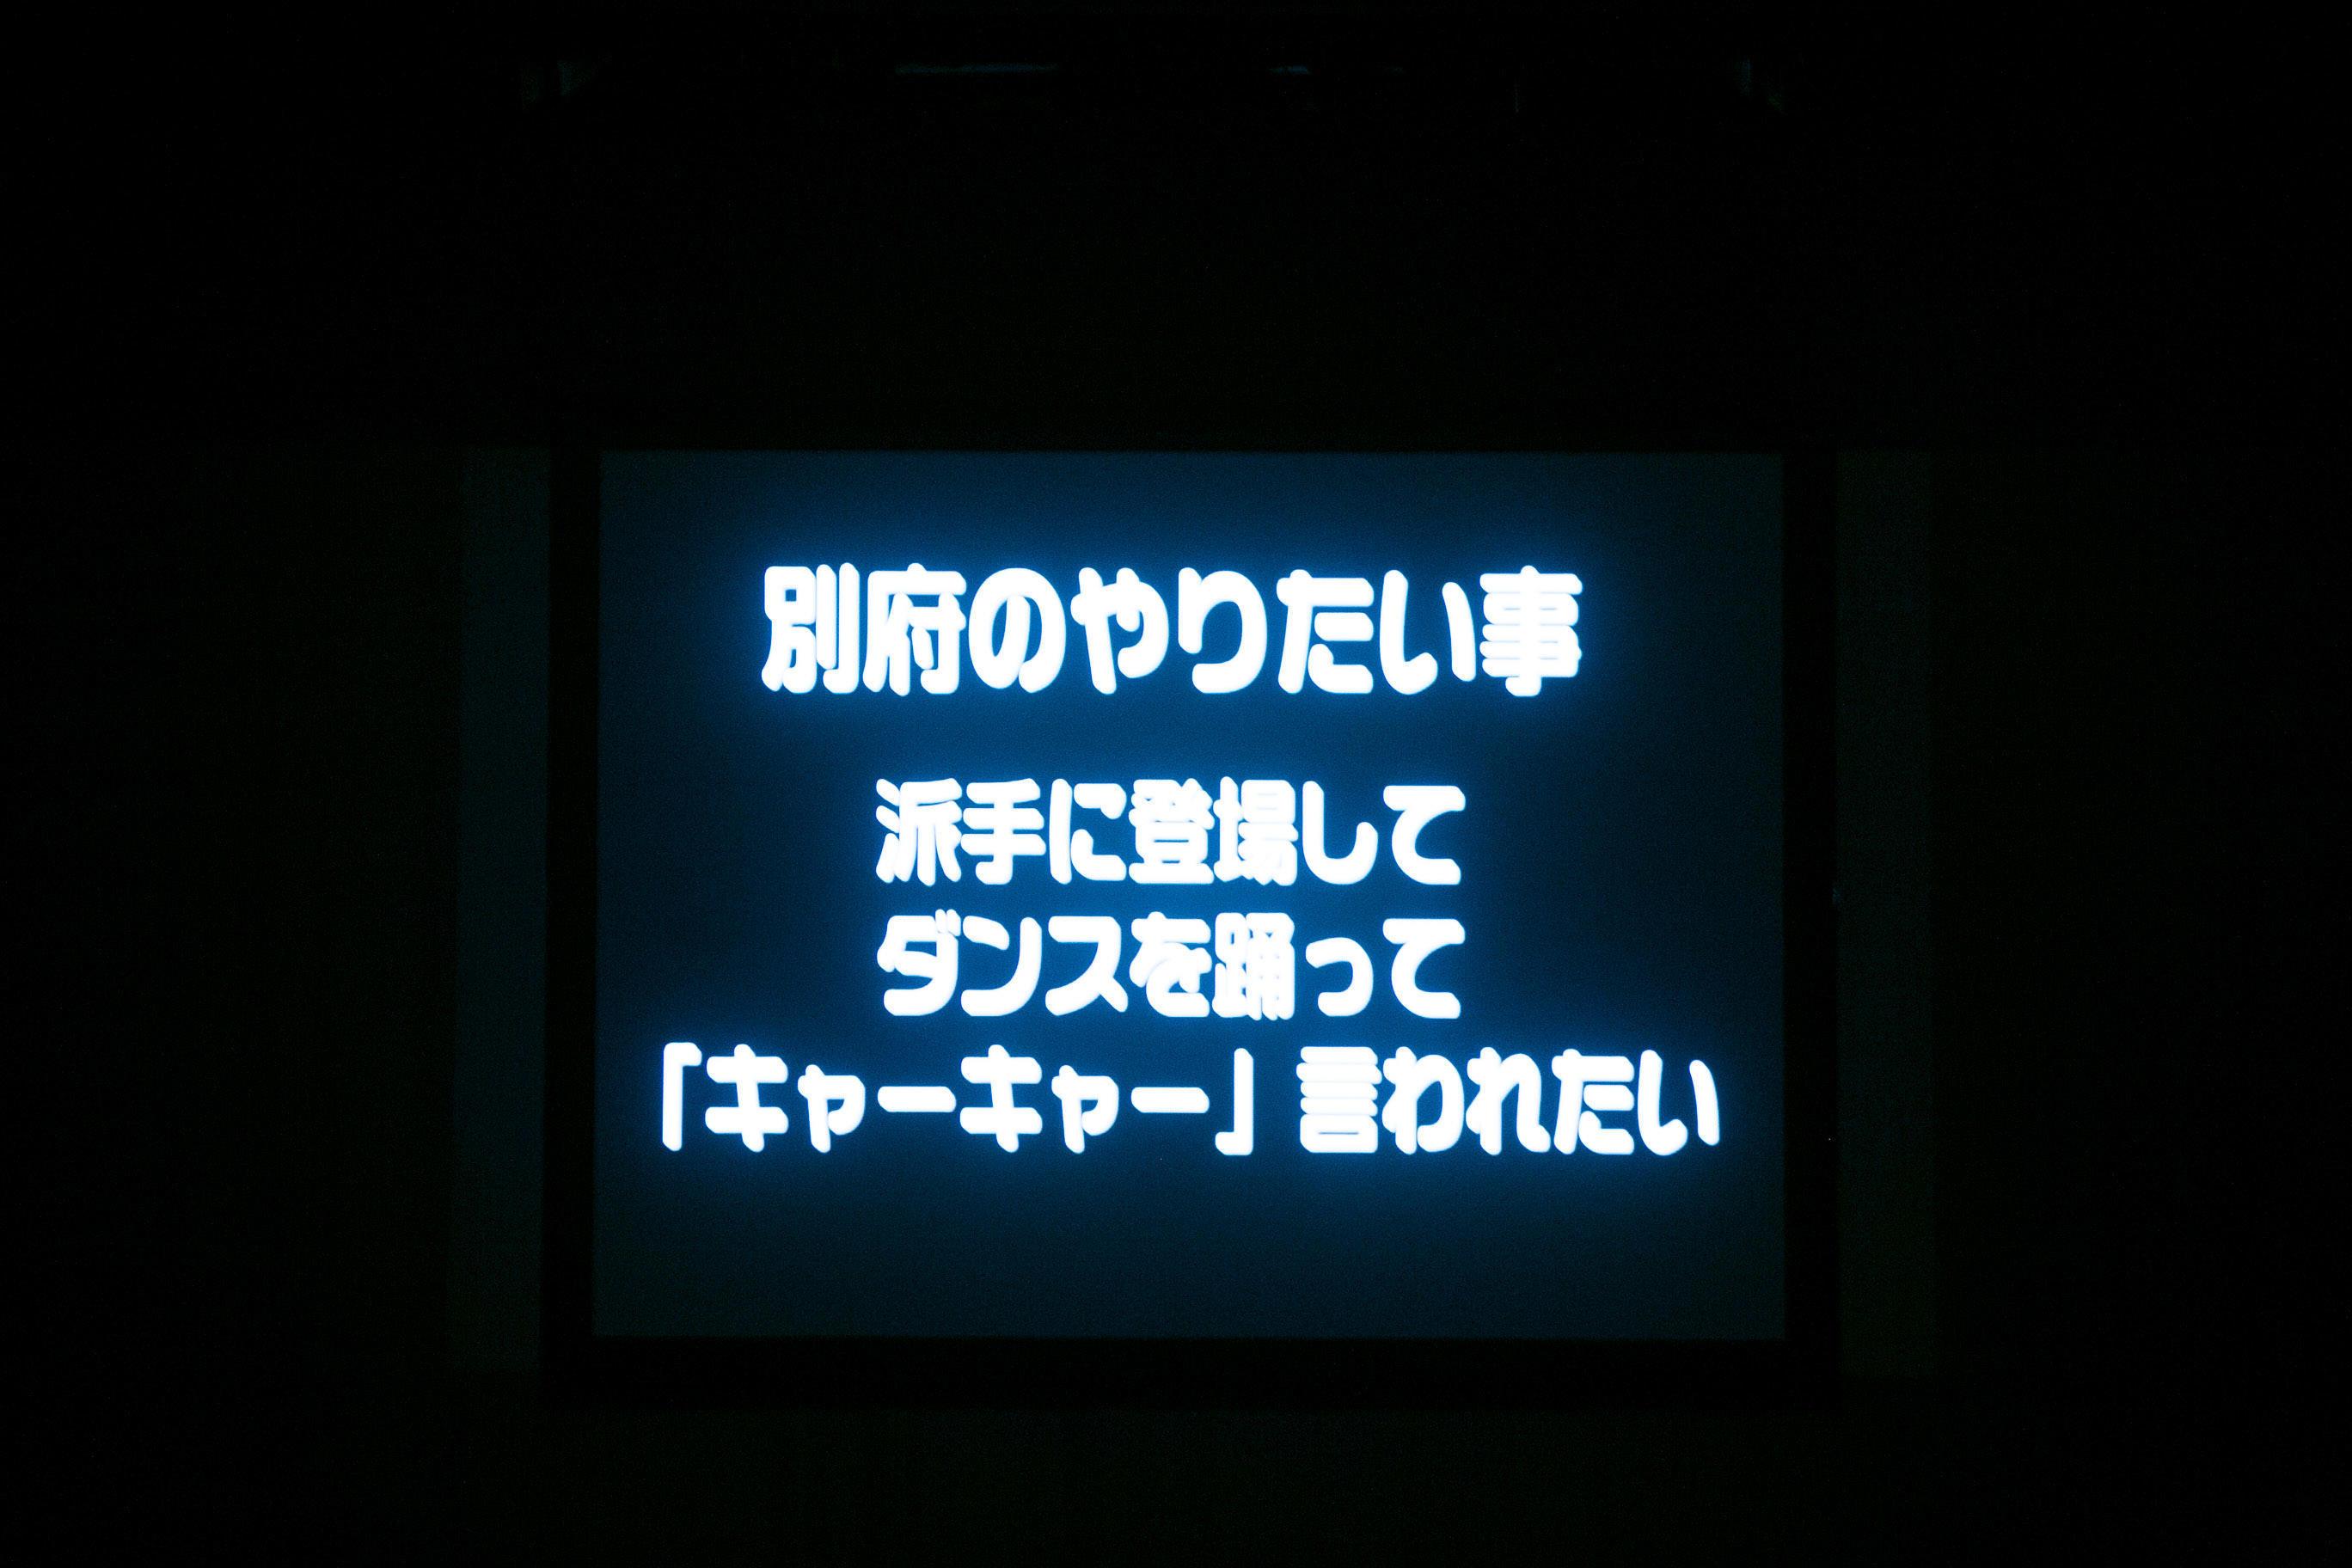 http://news.yoshimoto.co.jp/20180430213353-1f8baa1b0bc1c8cba07bdec255da95b5134dd4fe.jpg